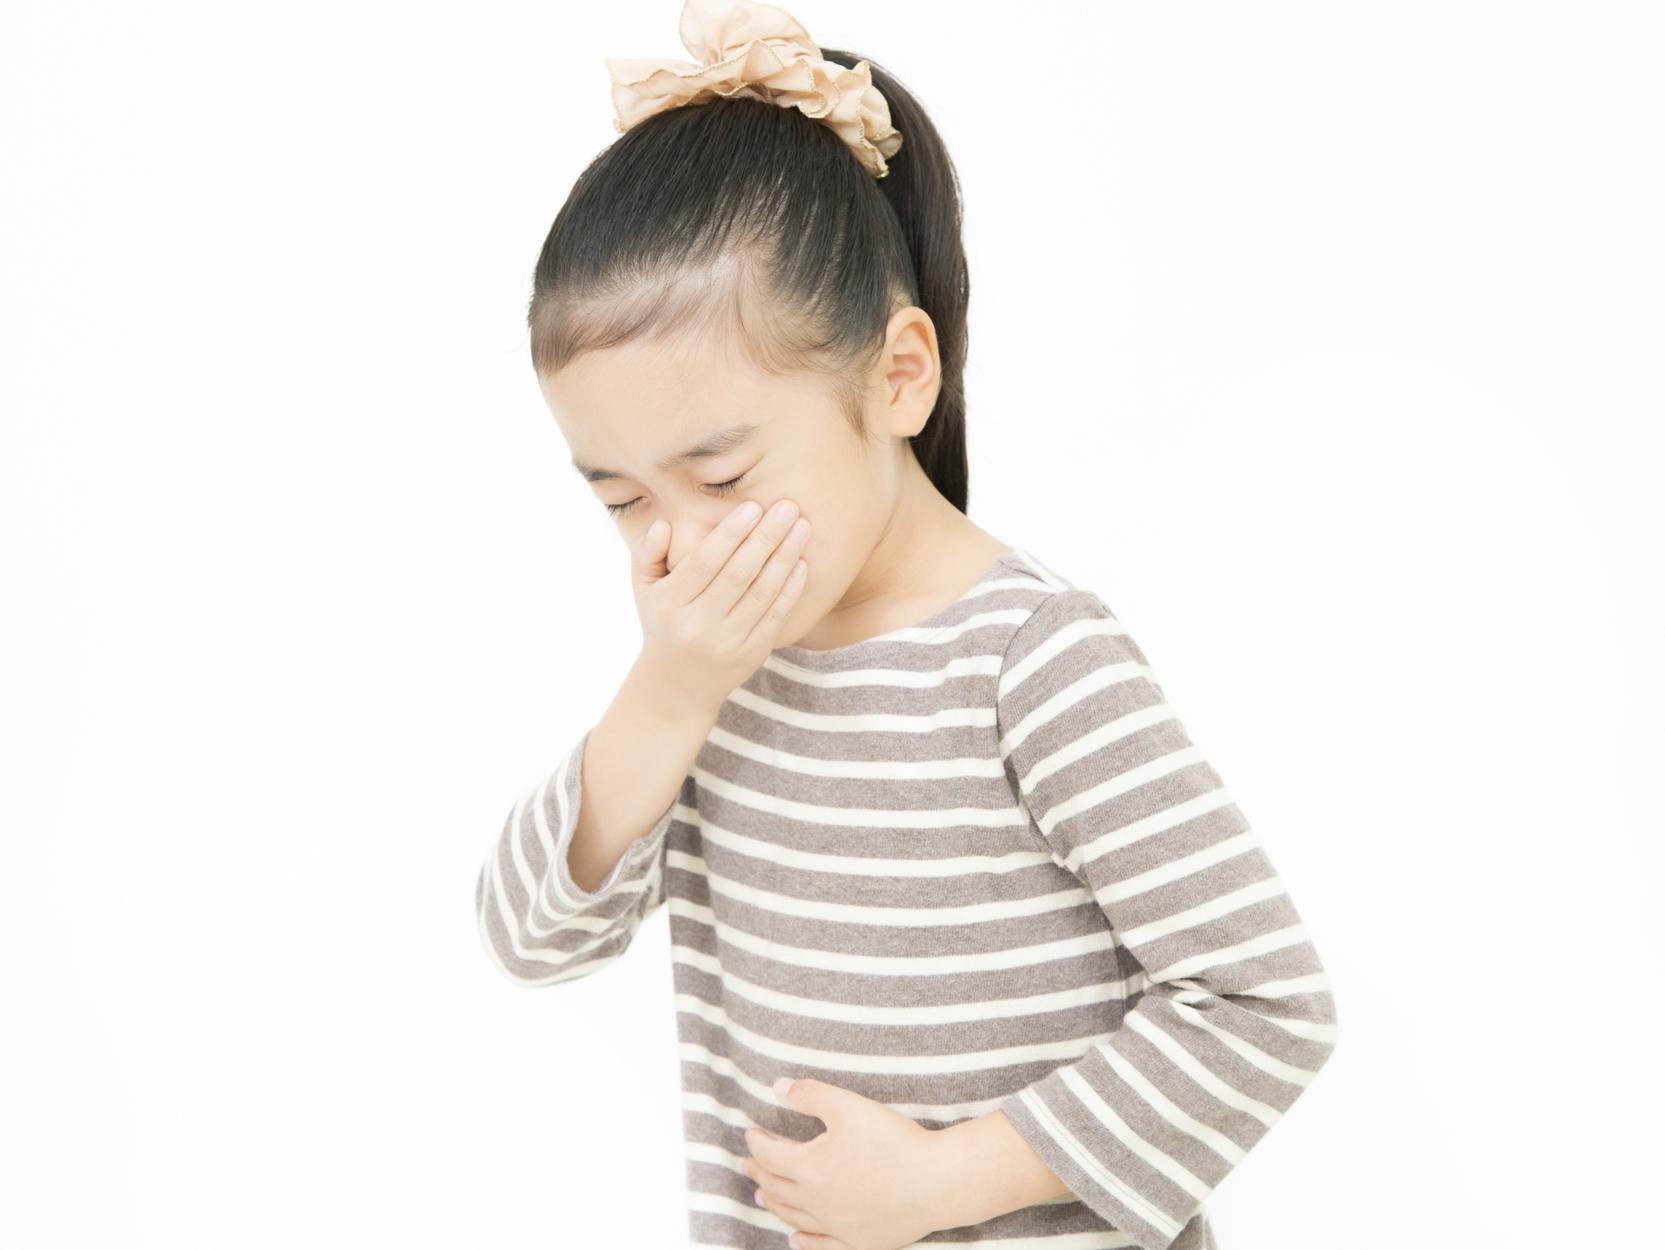 子どもの嘔吐の受診タイミング